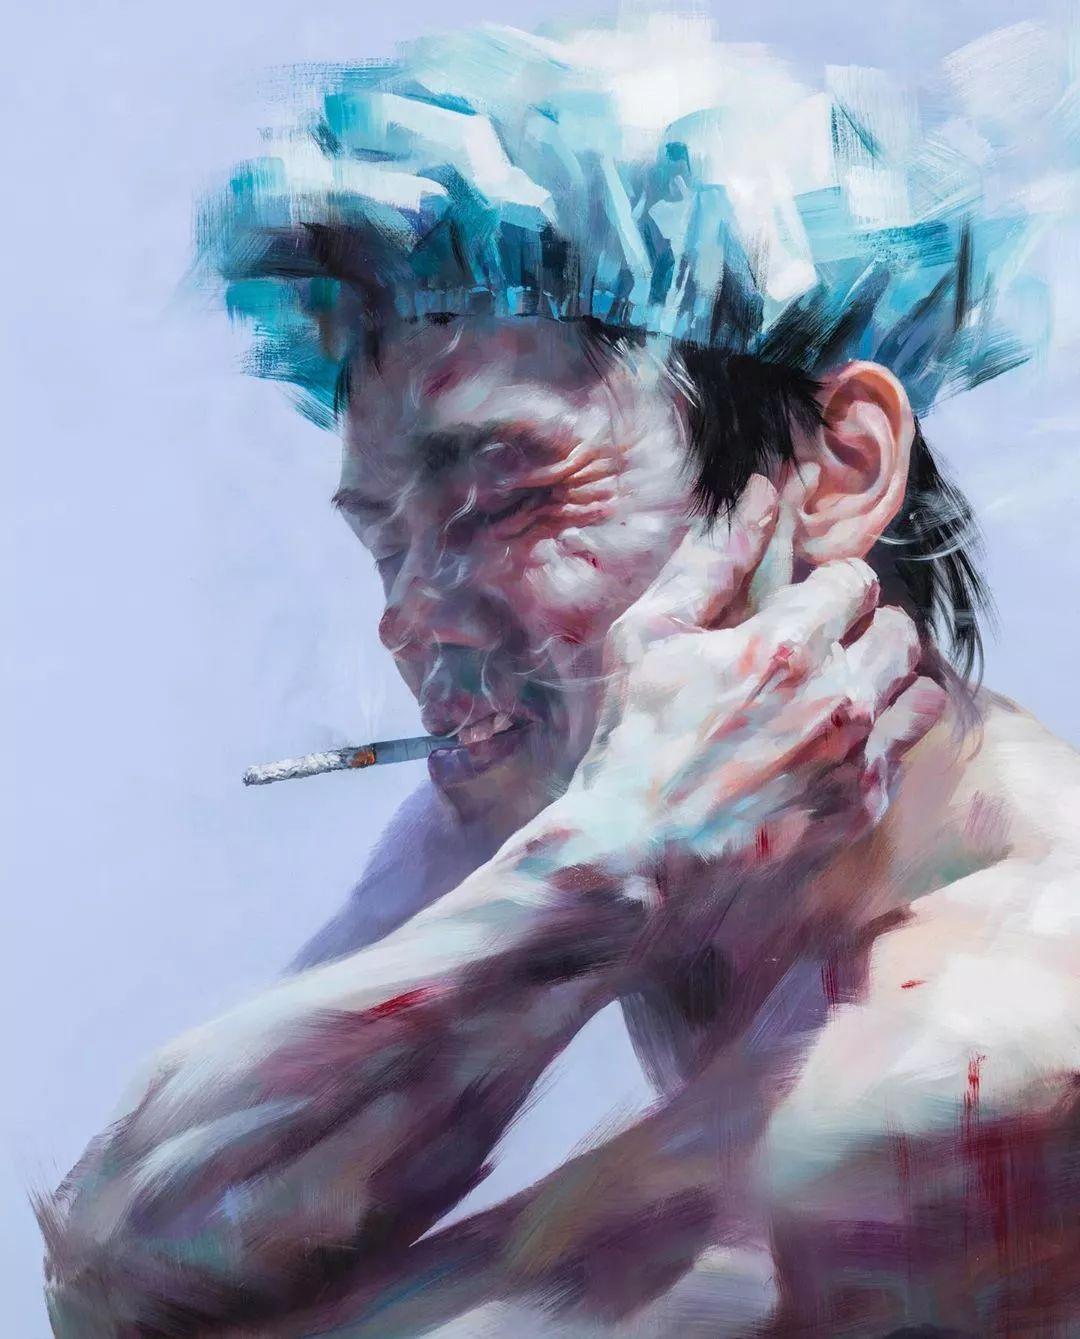 画笔留下的记忆,来自油画的魅力!插图1